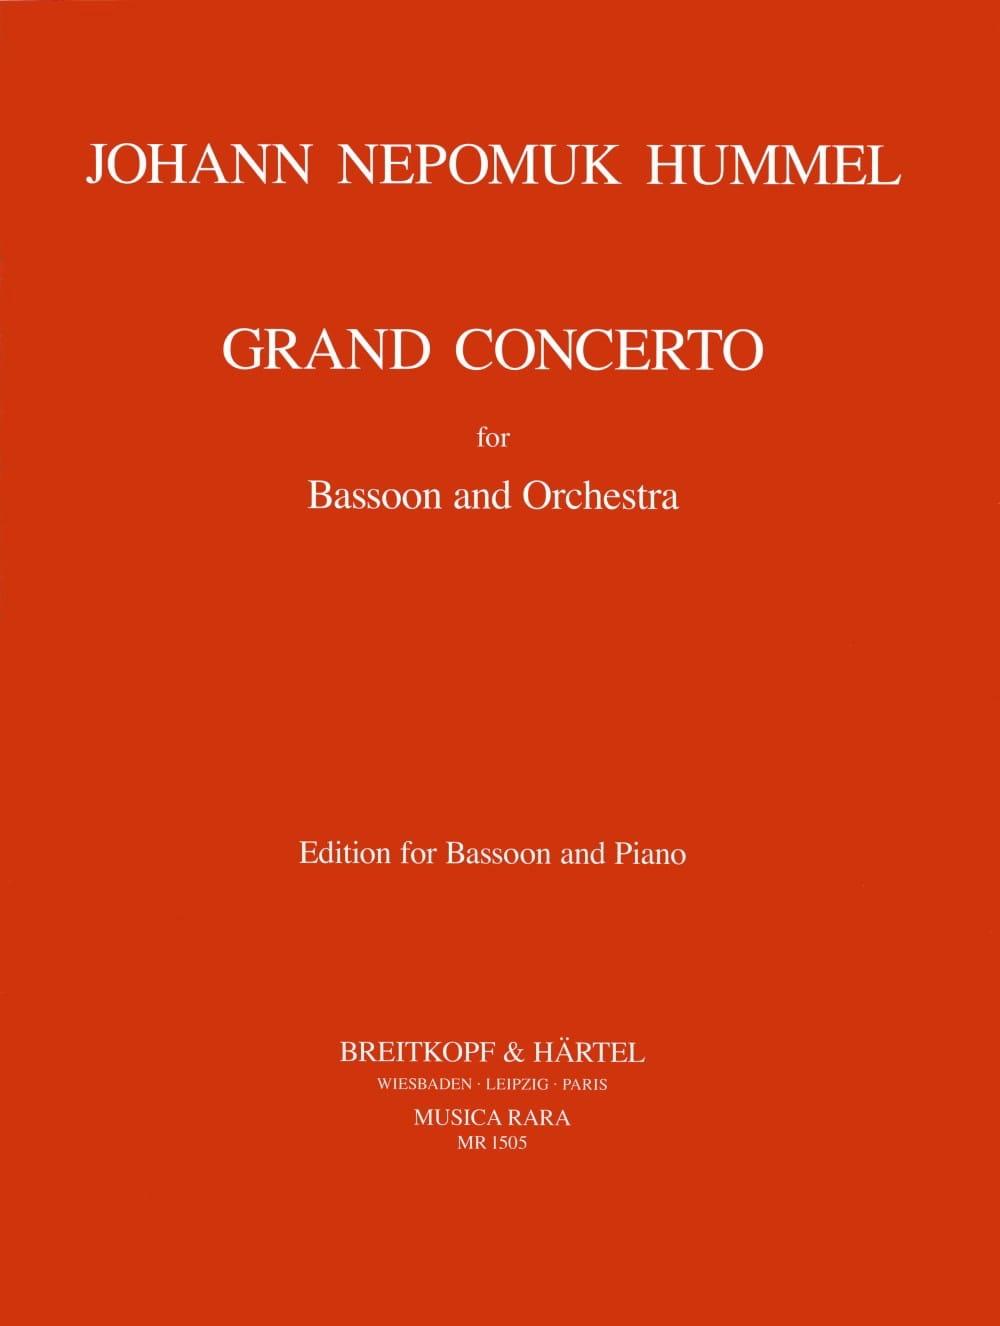 HUMMEL - Grand Concerto - Bassoon piano - Partition - di-arezzo.com